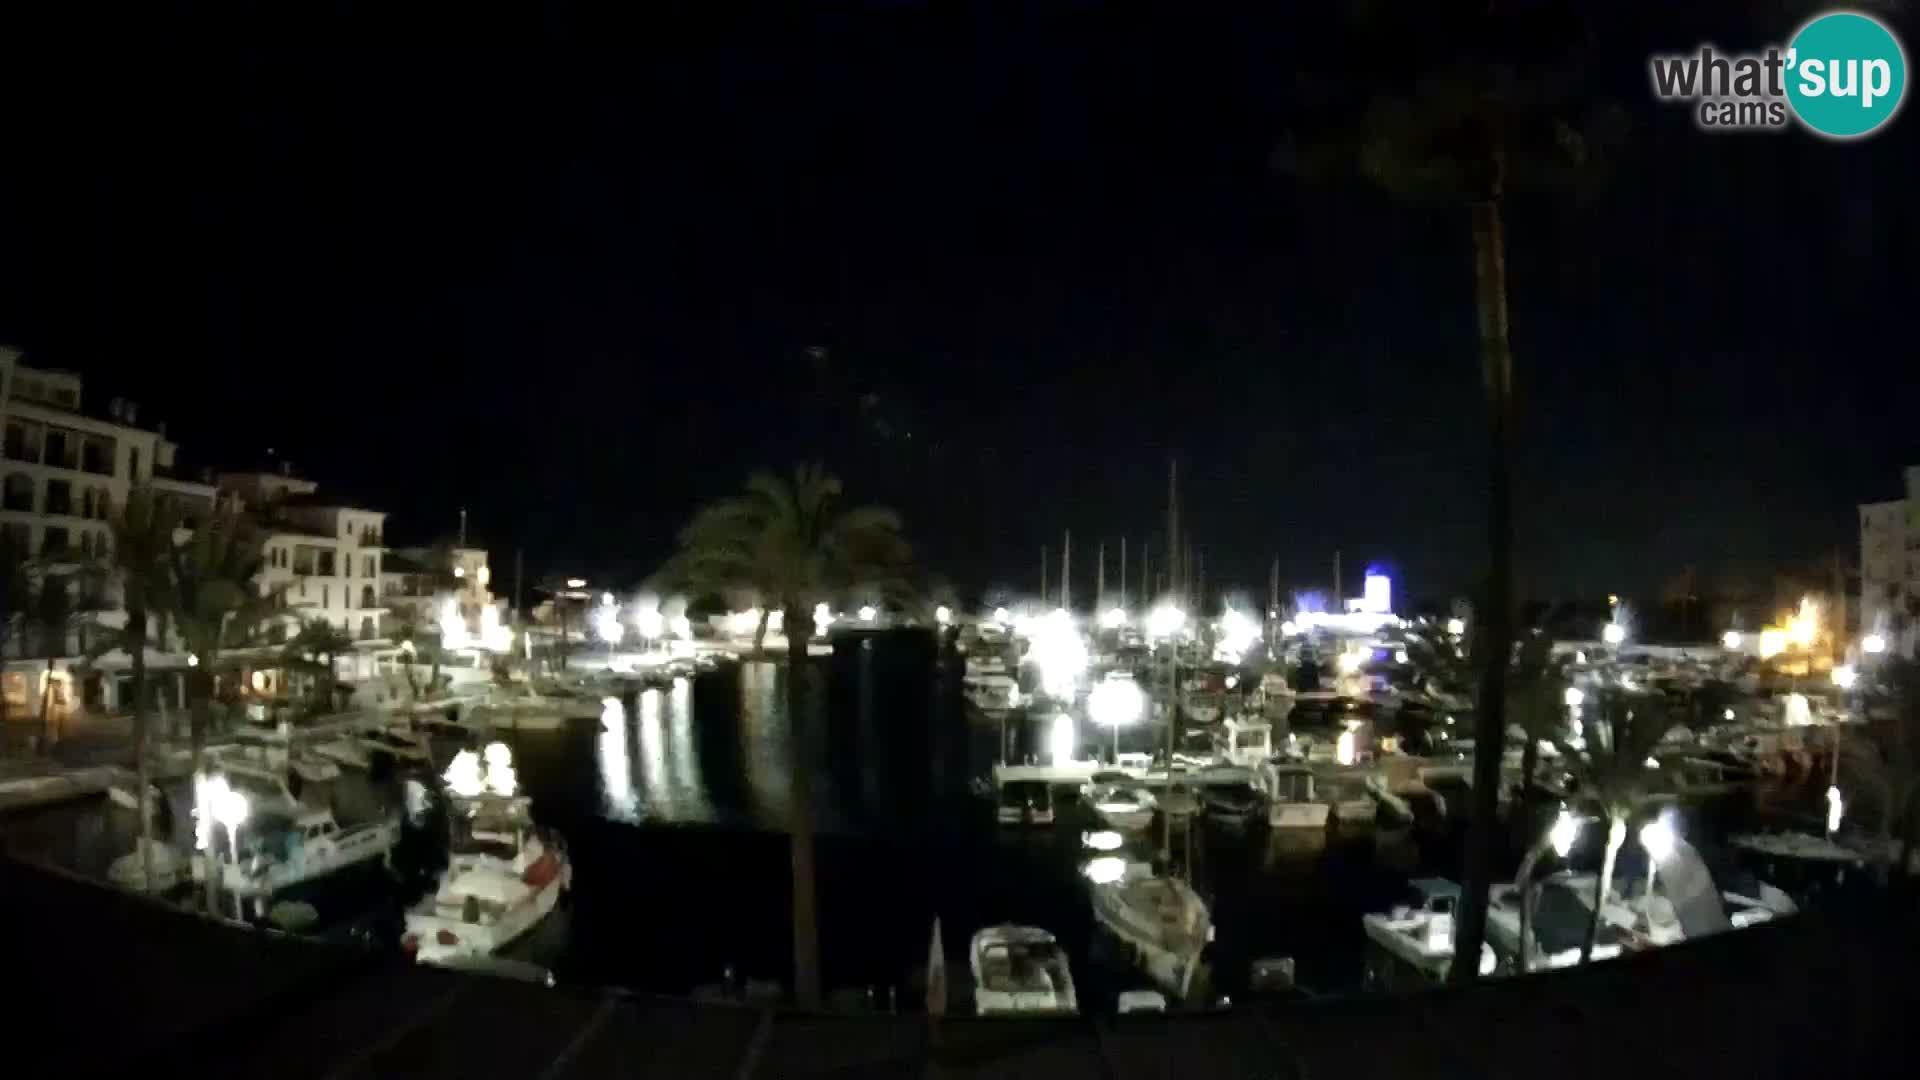 Puerto de la Duquesa – Marina